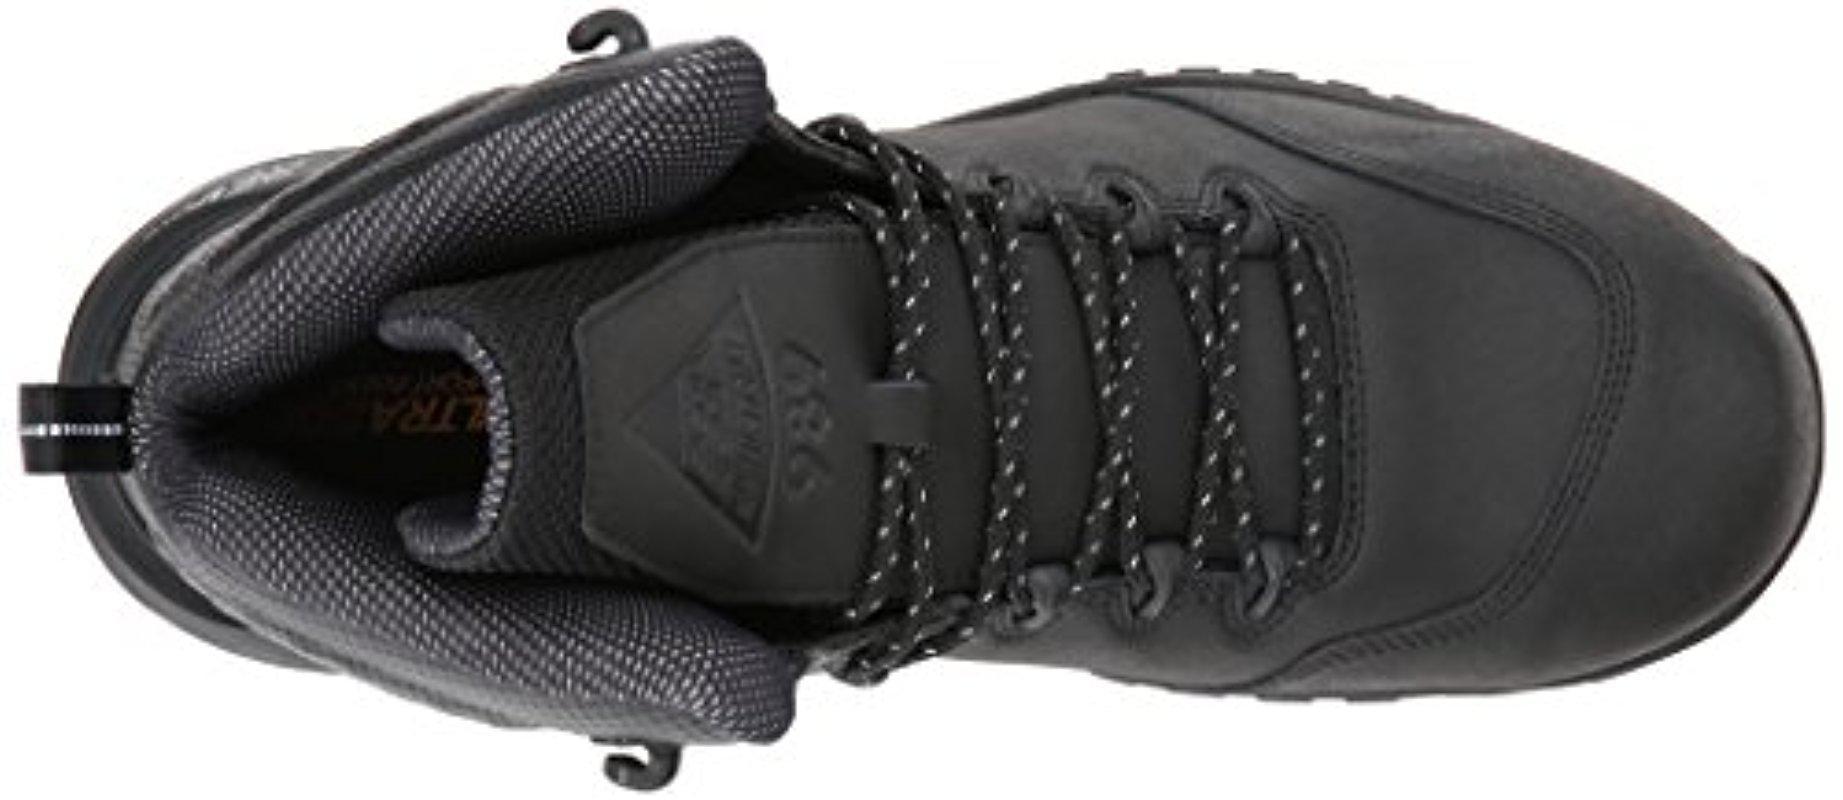 989v2 Work Industrial Shoe